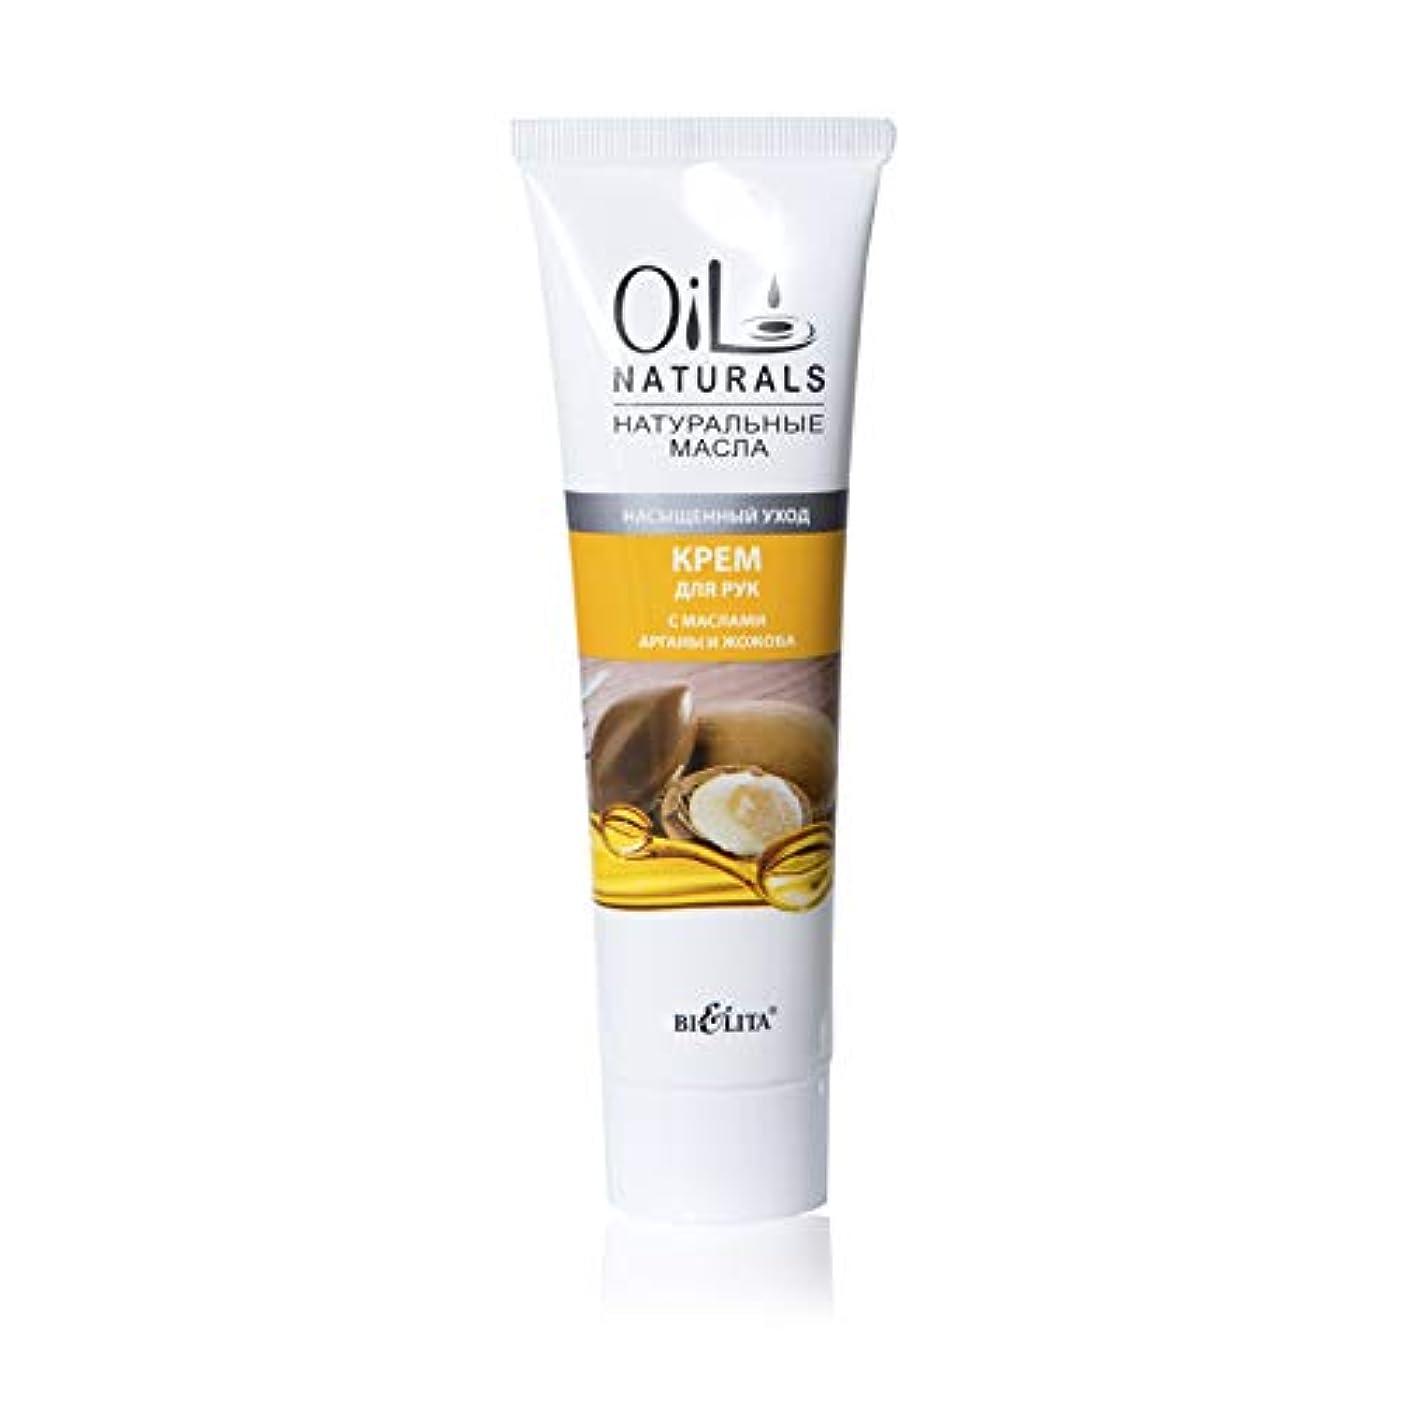 対処する限り知覚的Bielita & Vitex Oil Naturals Line | Saturate Care Hand Cream, 100 ml | Argan Oil, Silk Proteins, Jojoba Oil, Vitamins